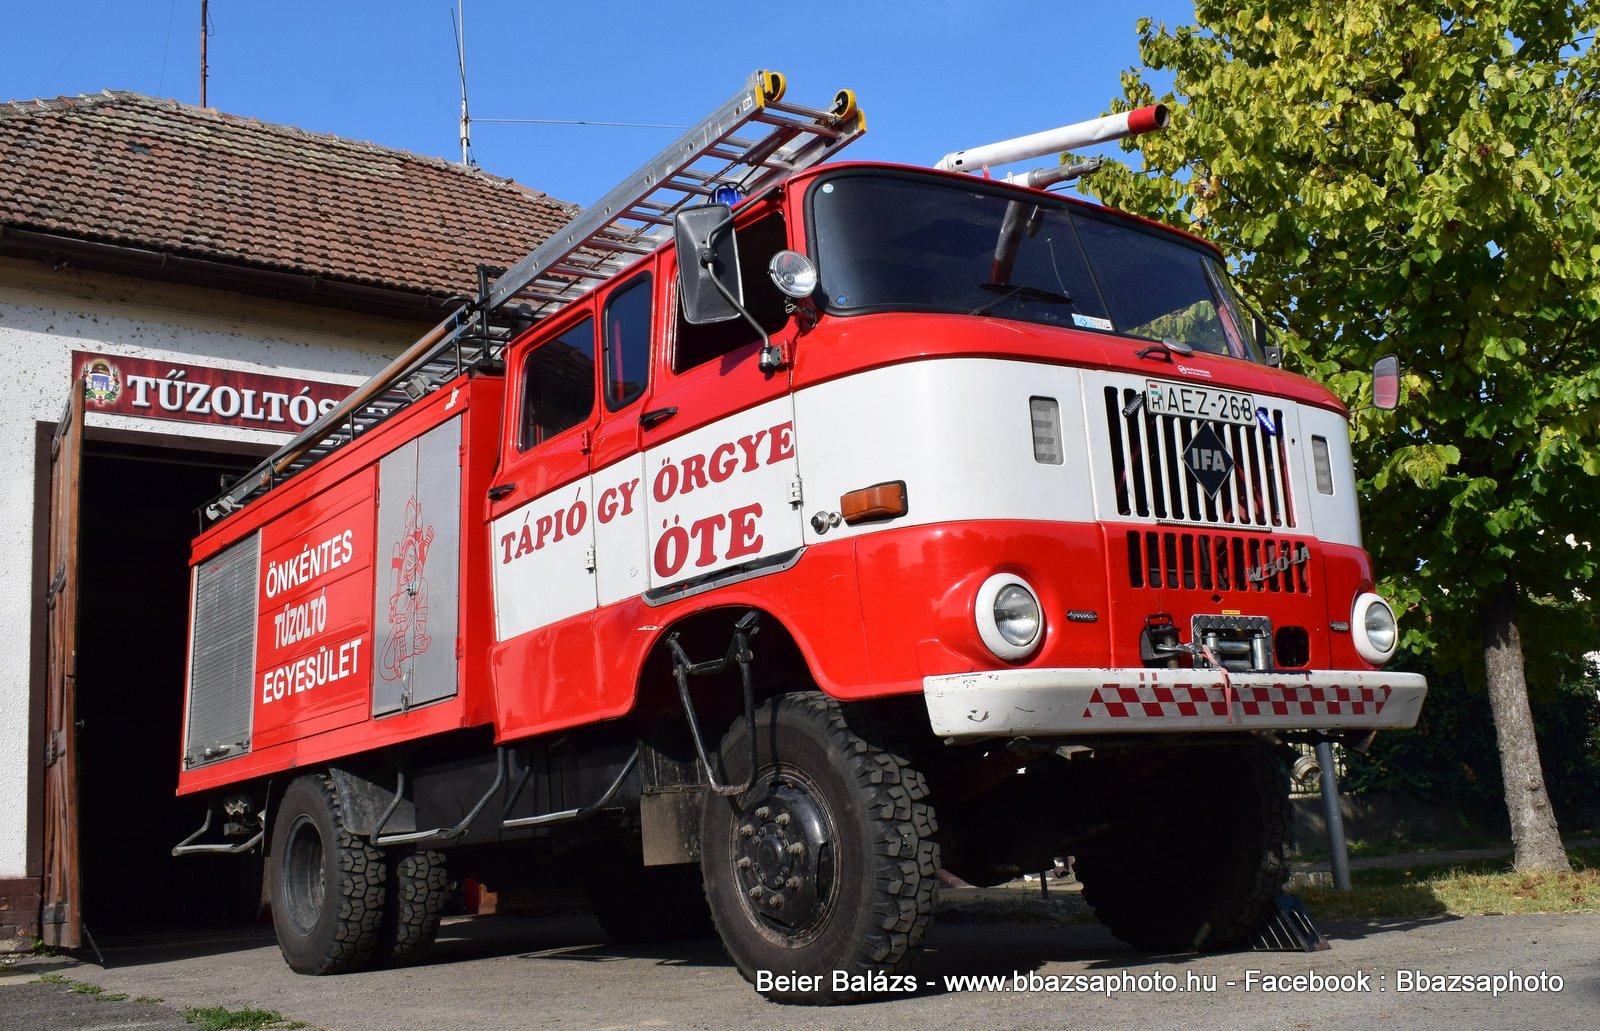 IFA W50 – Tápiógyörgye ÖTE